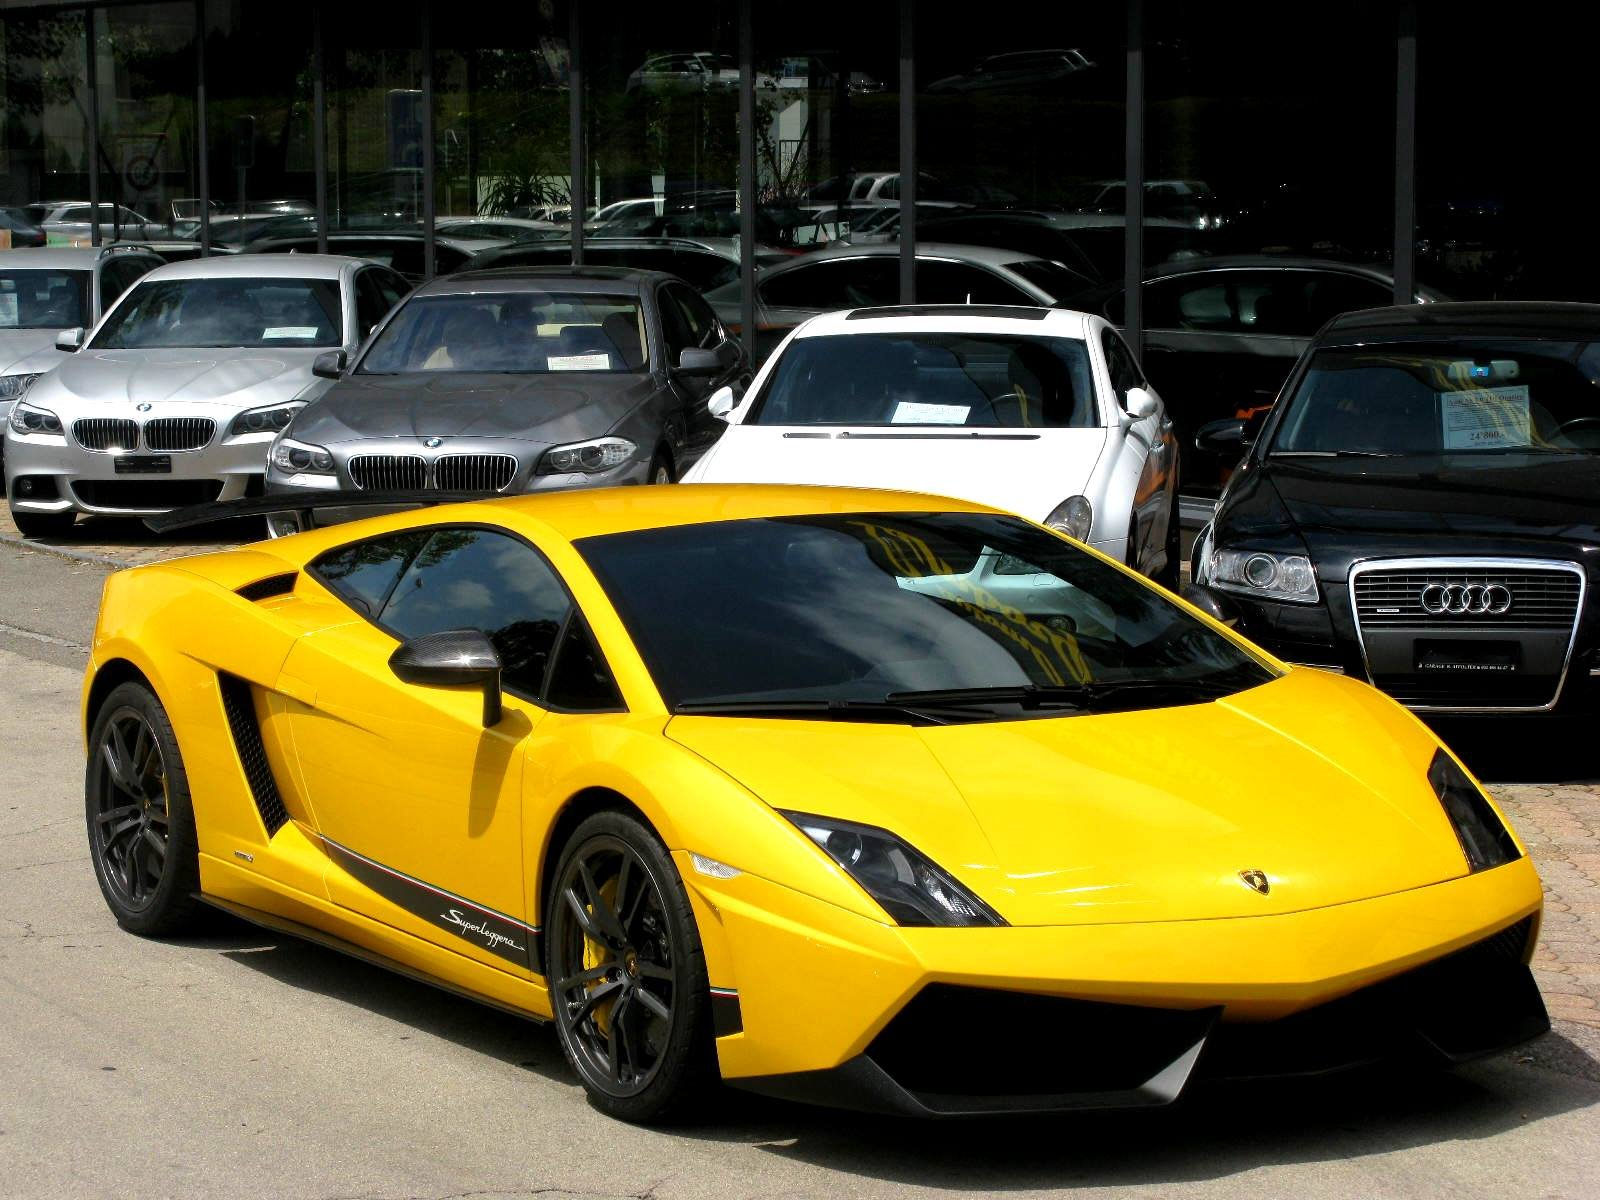 Lamborghini Gallardo lp570-4 Superleggera Italian Dreamcar ...